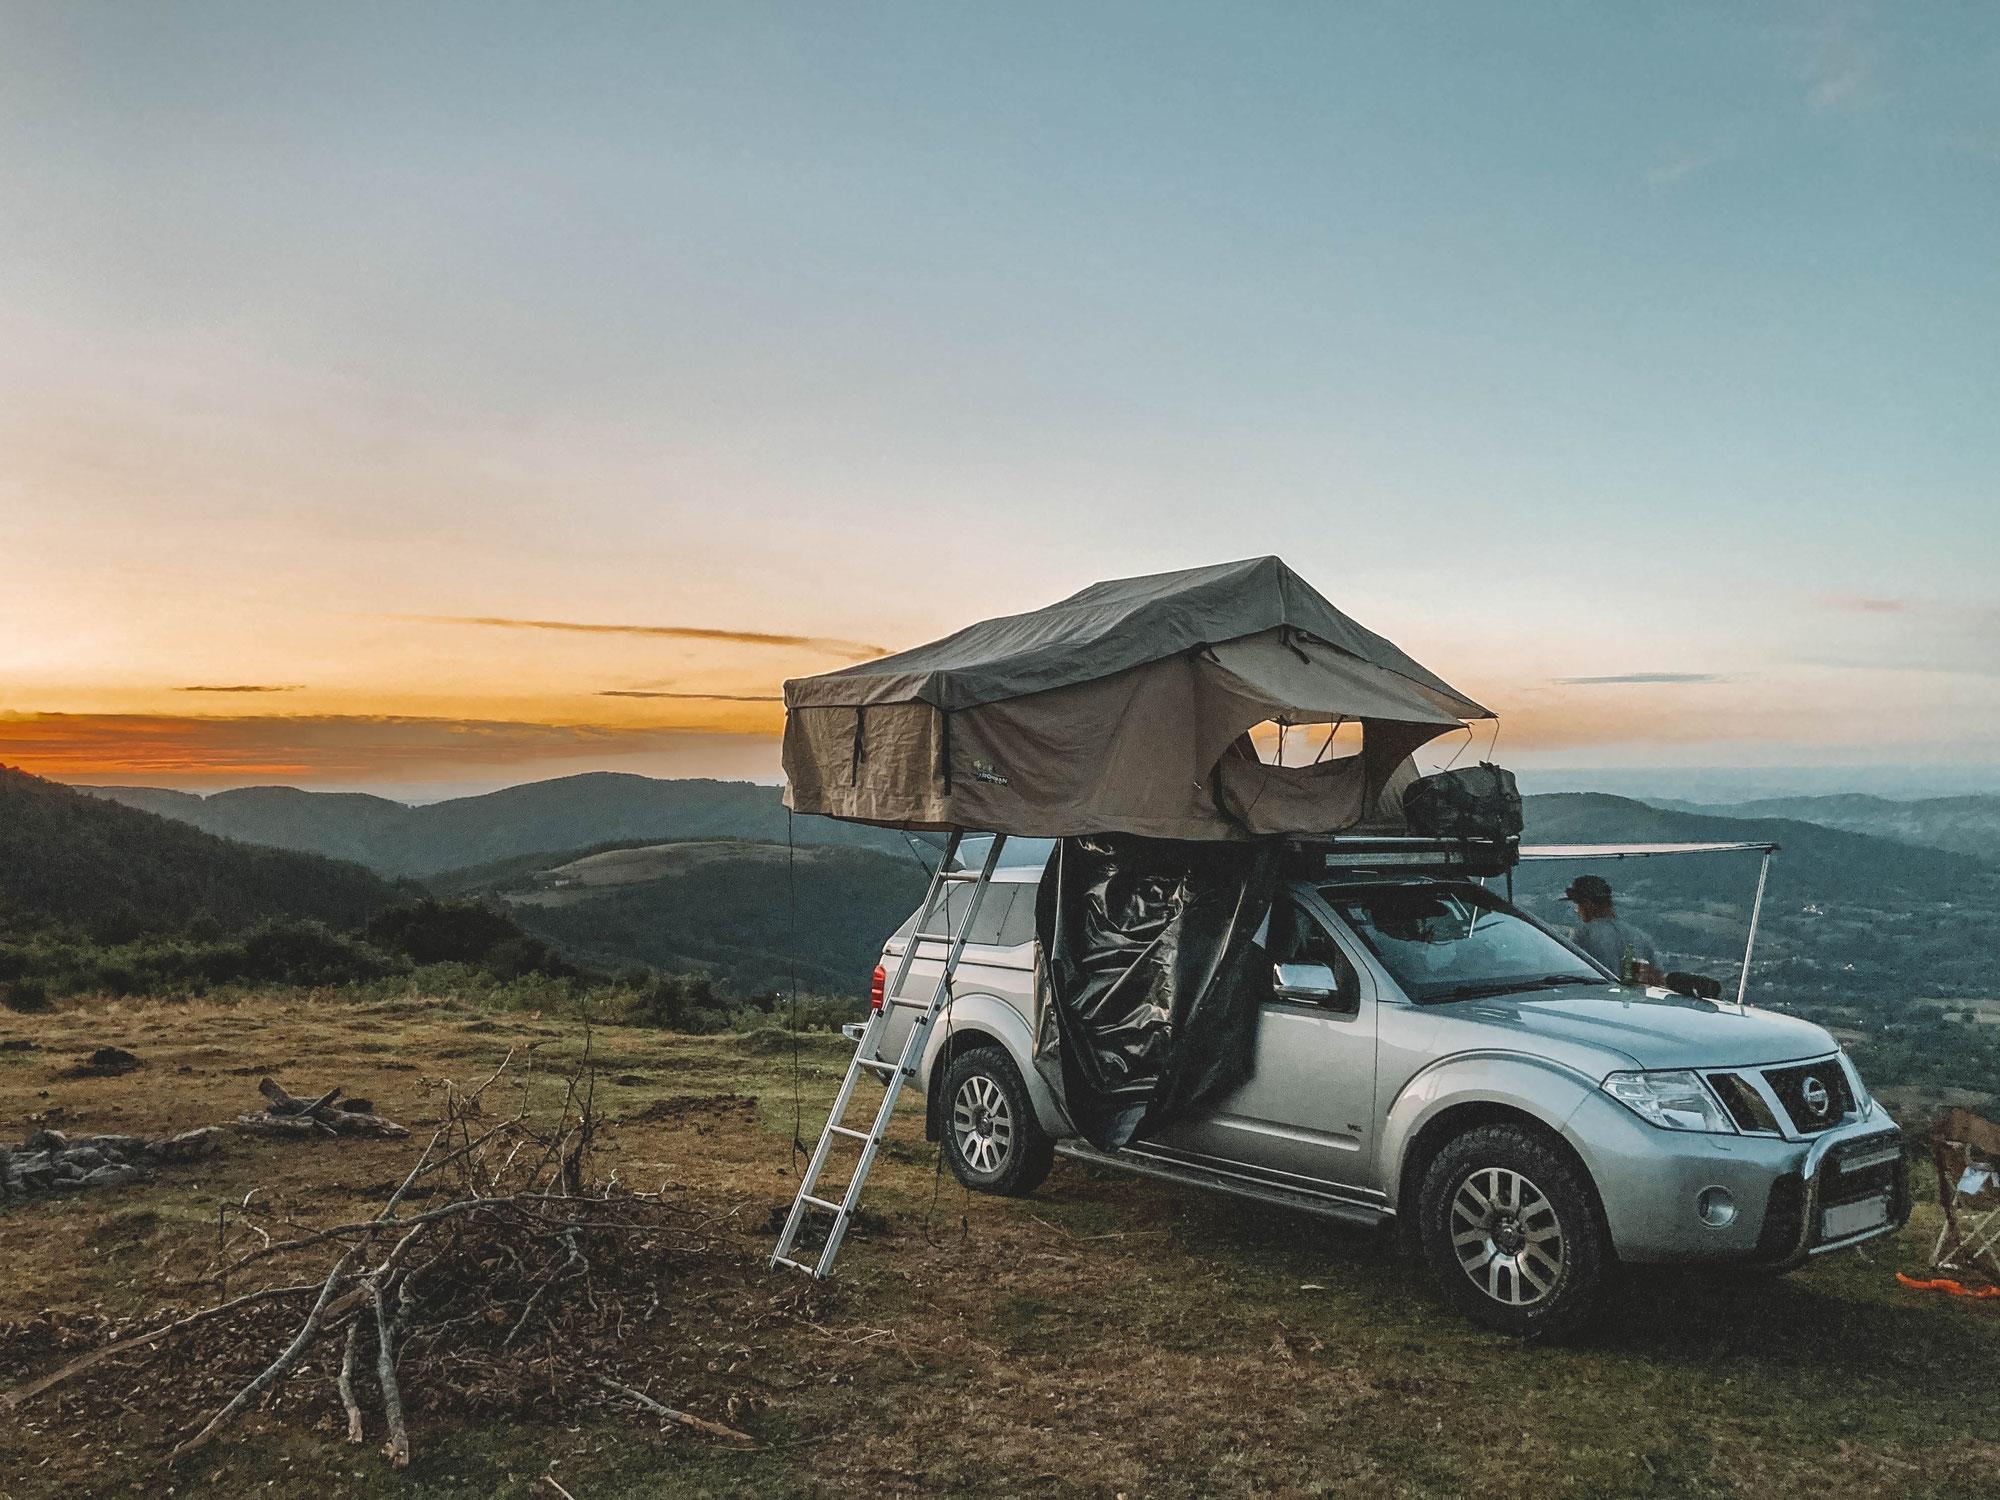 Comment trouver un chouette emplacement pour passer la nuit en tente de toit Horizon ?